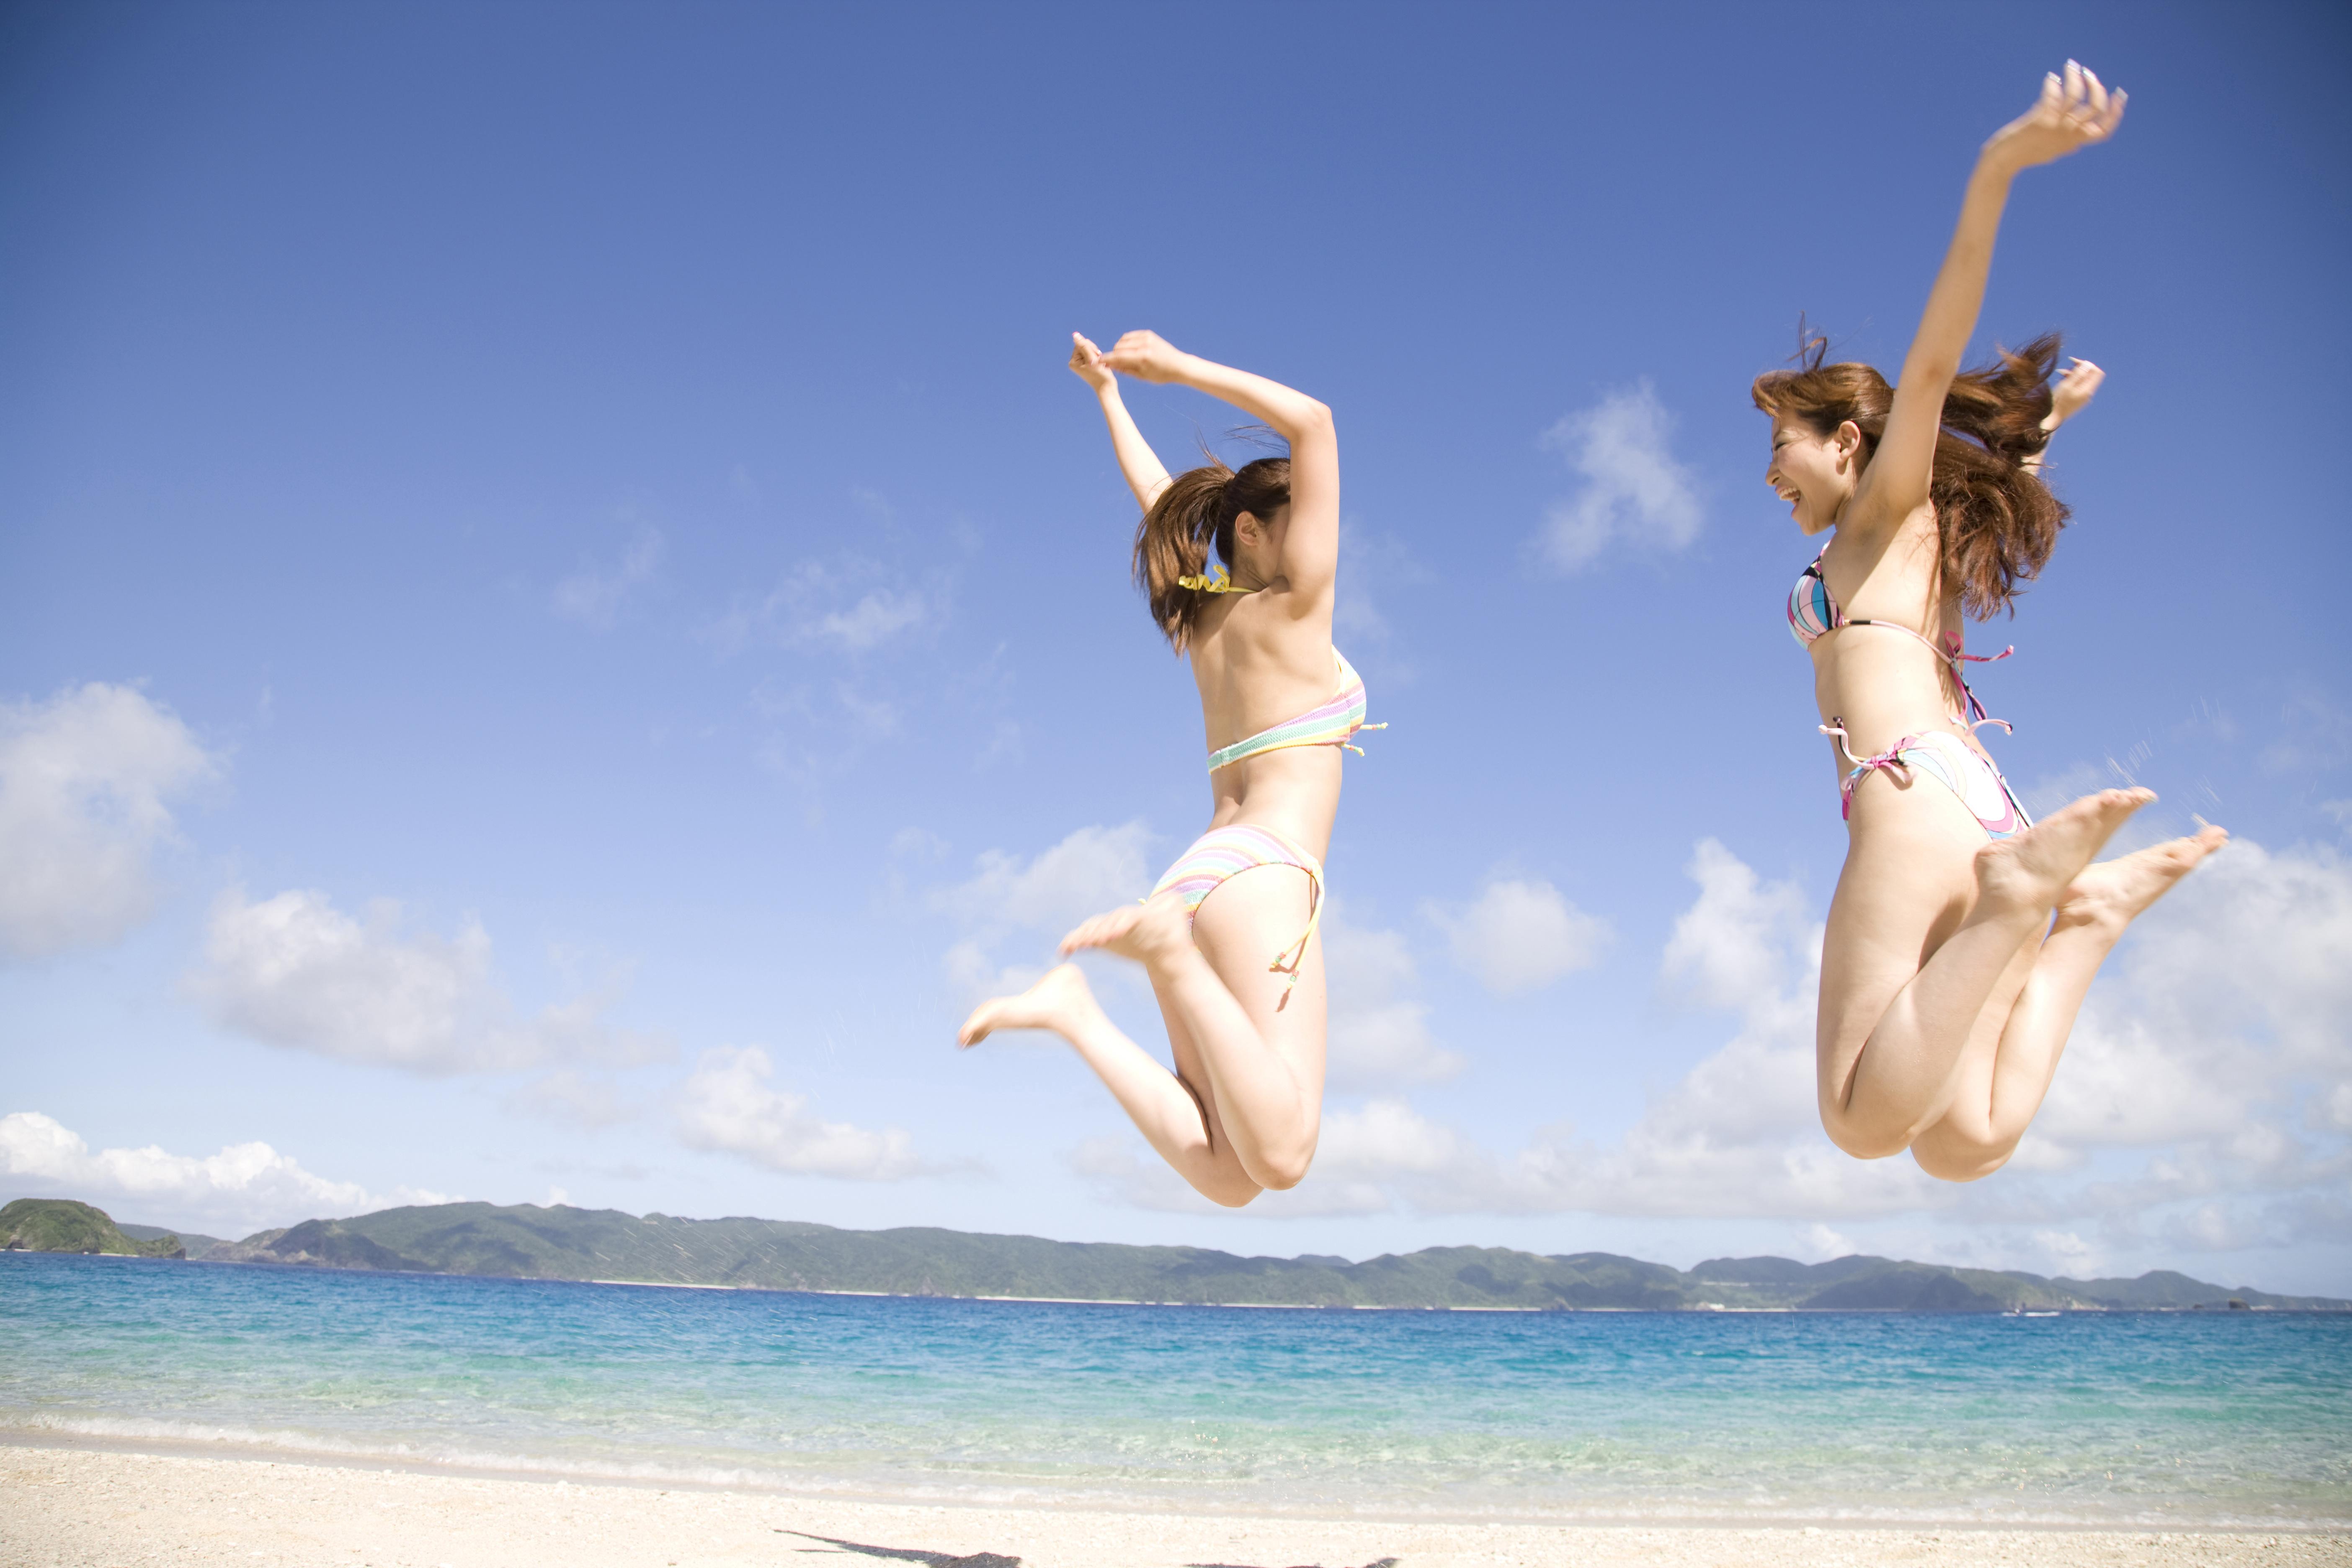 浜辺でジャンプする水着を着た2人の女性の後ろ